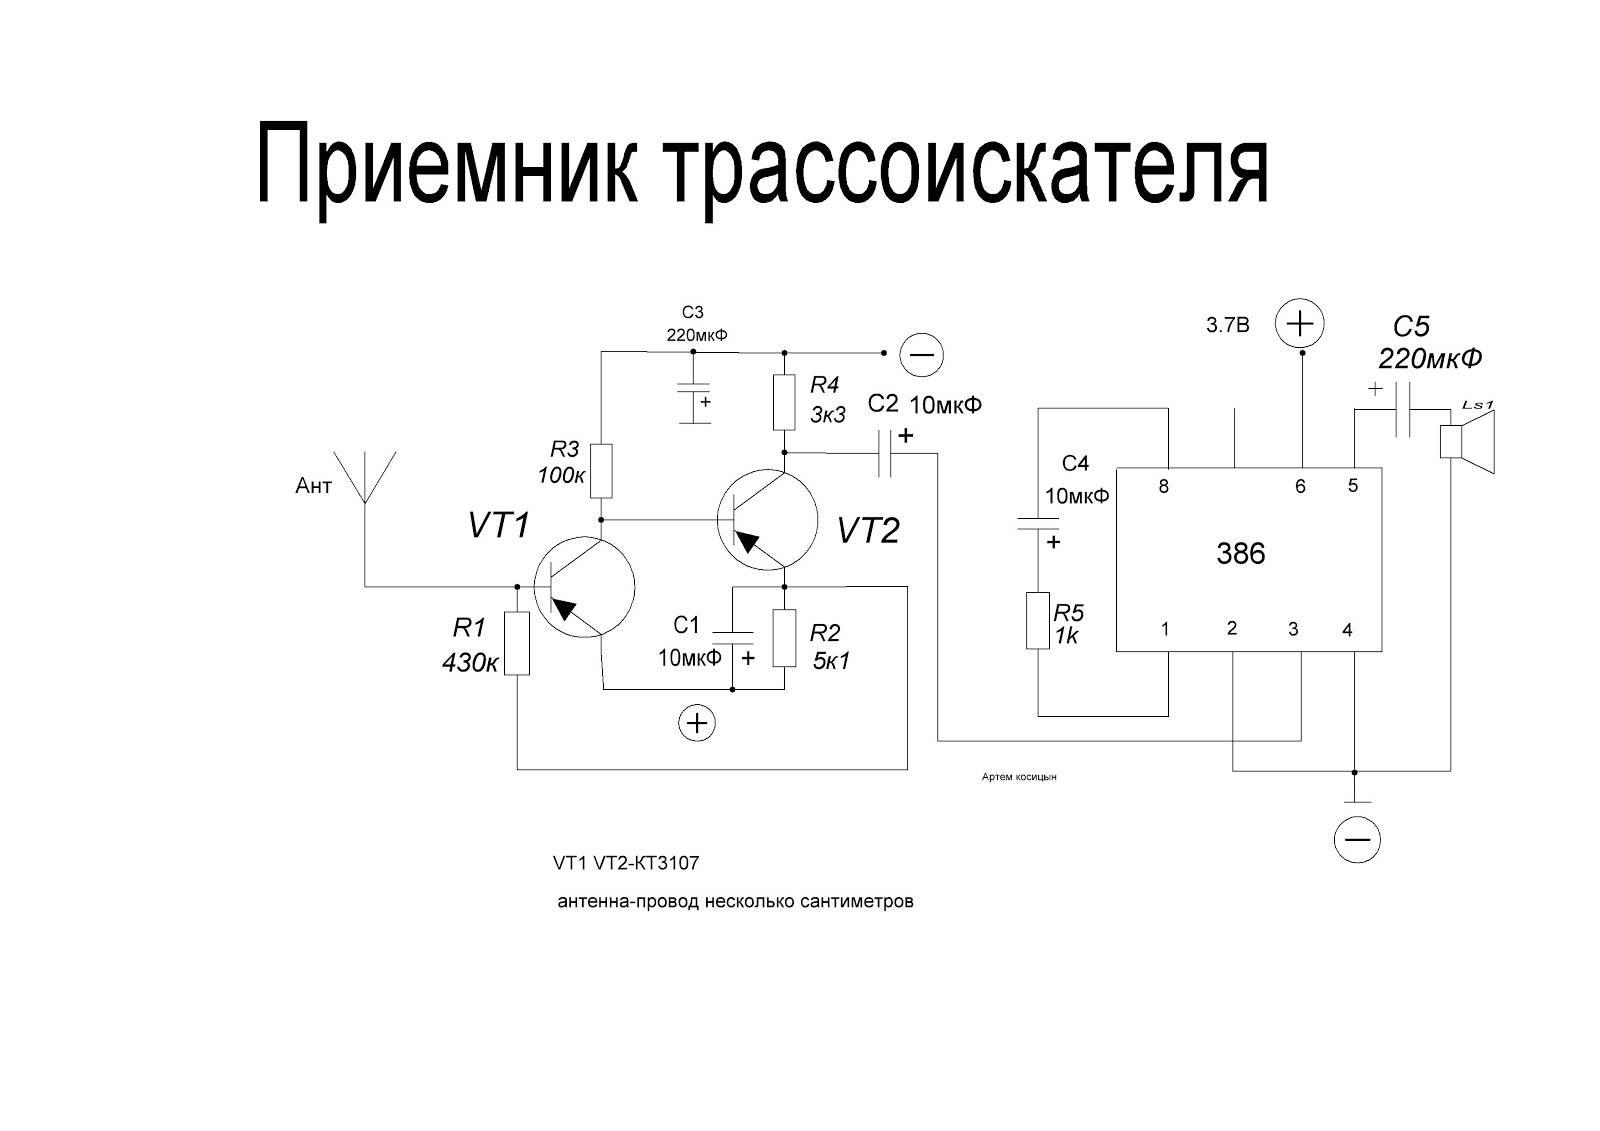 Пассивные и активные детекторы скрытой проводки: виды и особенности подбора надежного трассоискателя, обзор популярных моделей сканеров для поиска кабелей в стенах, их плюсы и минусы, советы по применению